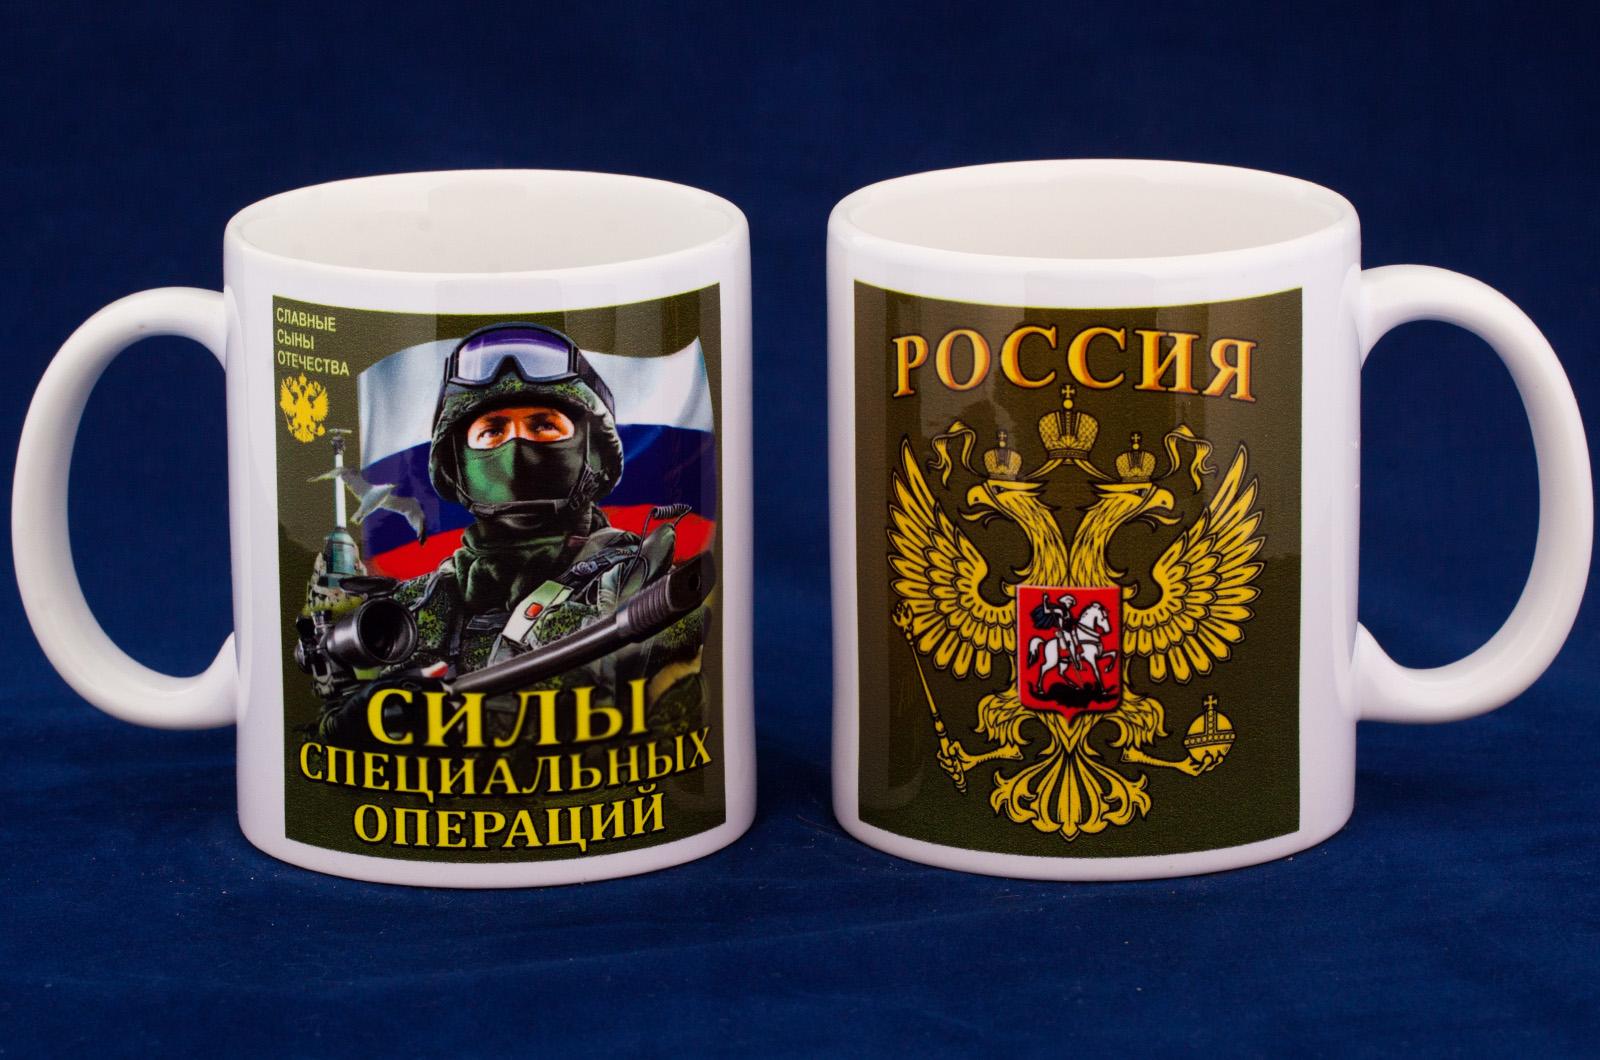 Военпро – большой Военторг Москвы снижает цены на всё, включая подарочные кружки